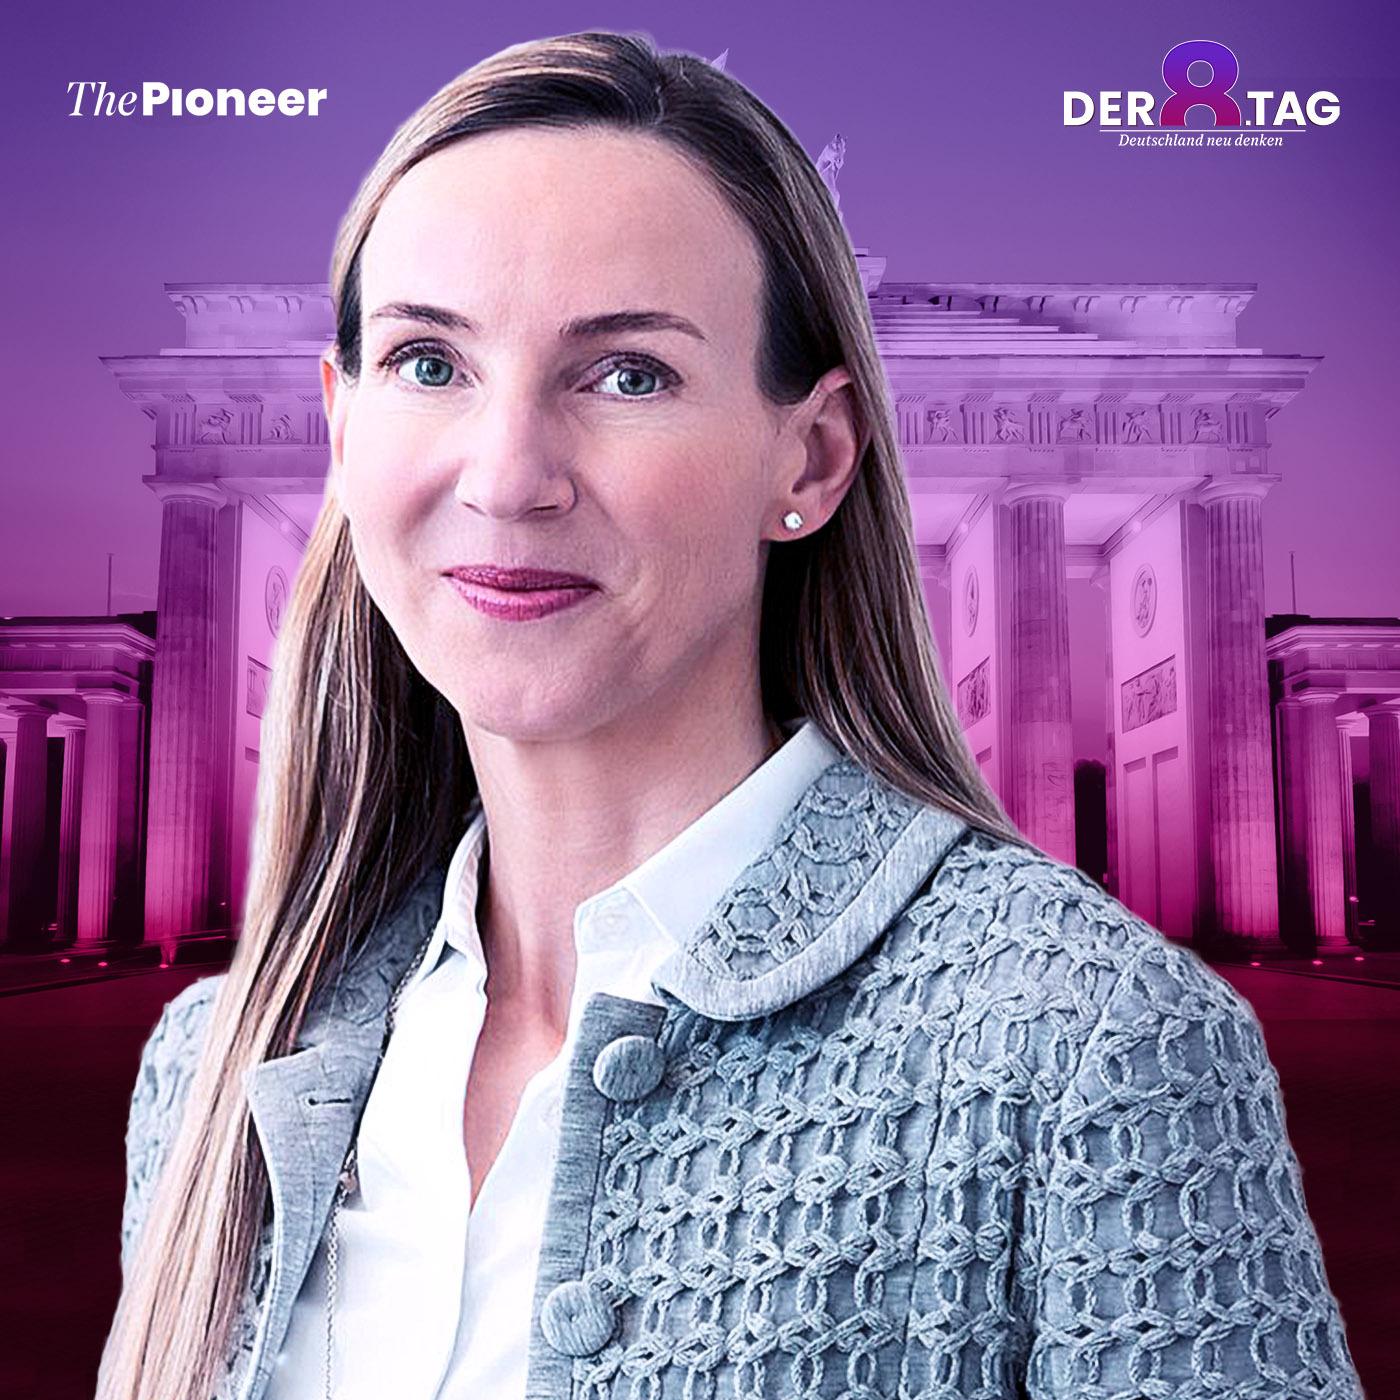 Der achte Tag #40 - Simone Bagel-Trah: Darum Zuversicht!